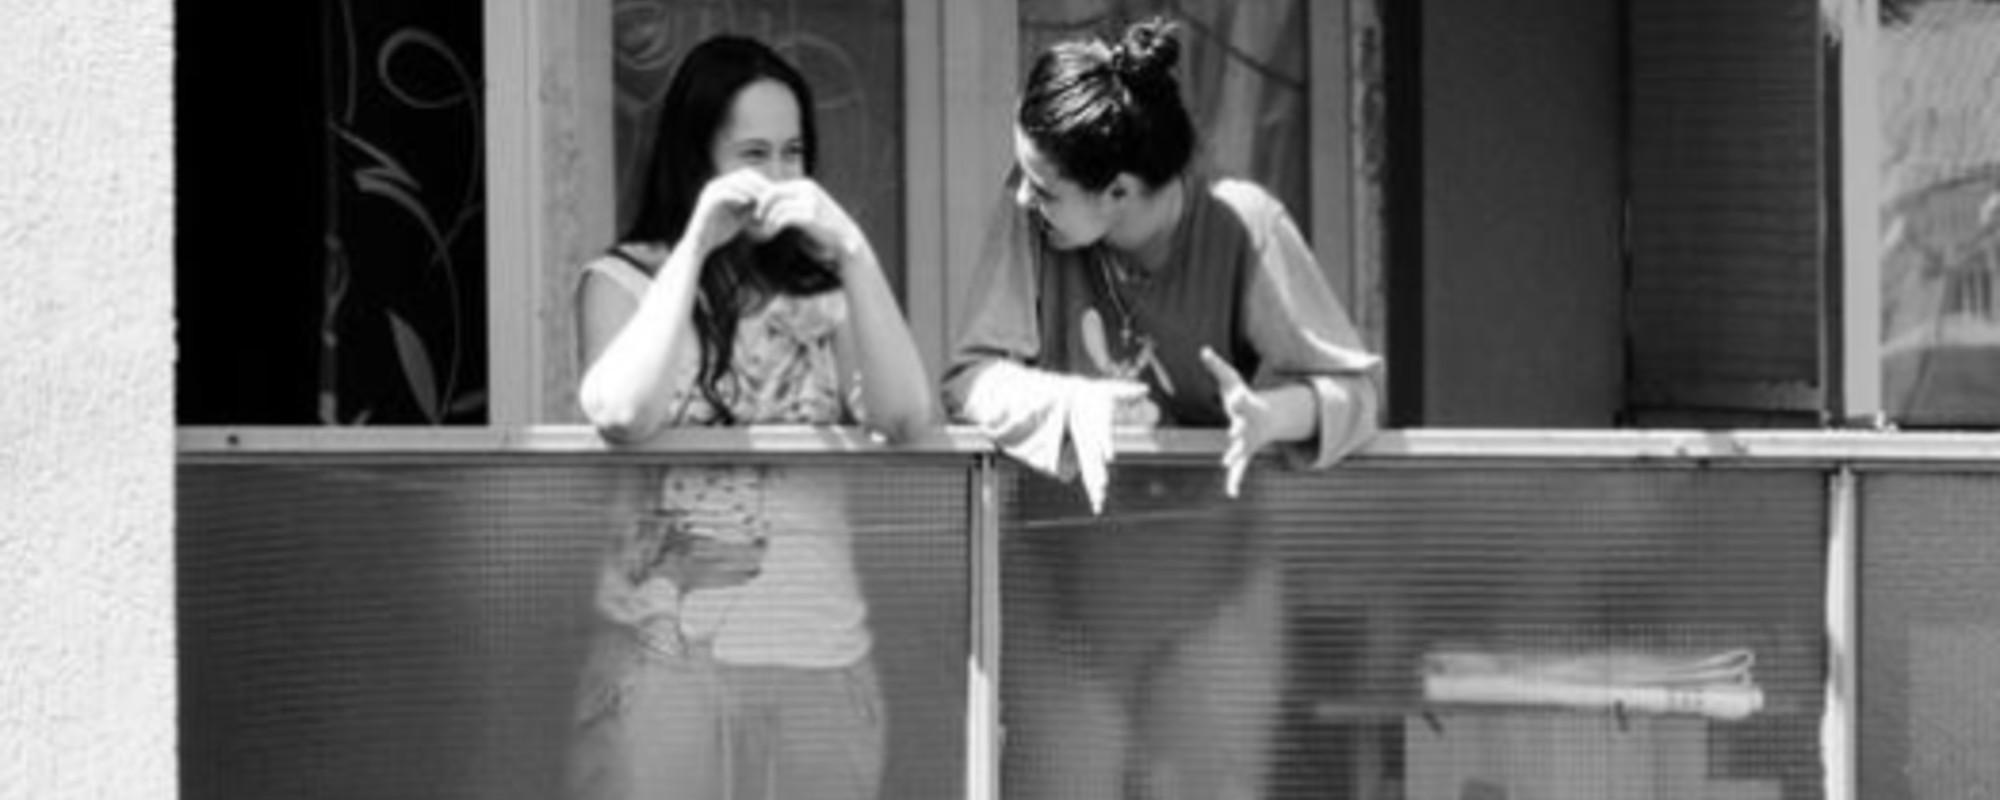 Voyeurské fotky studentského života